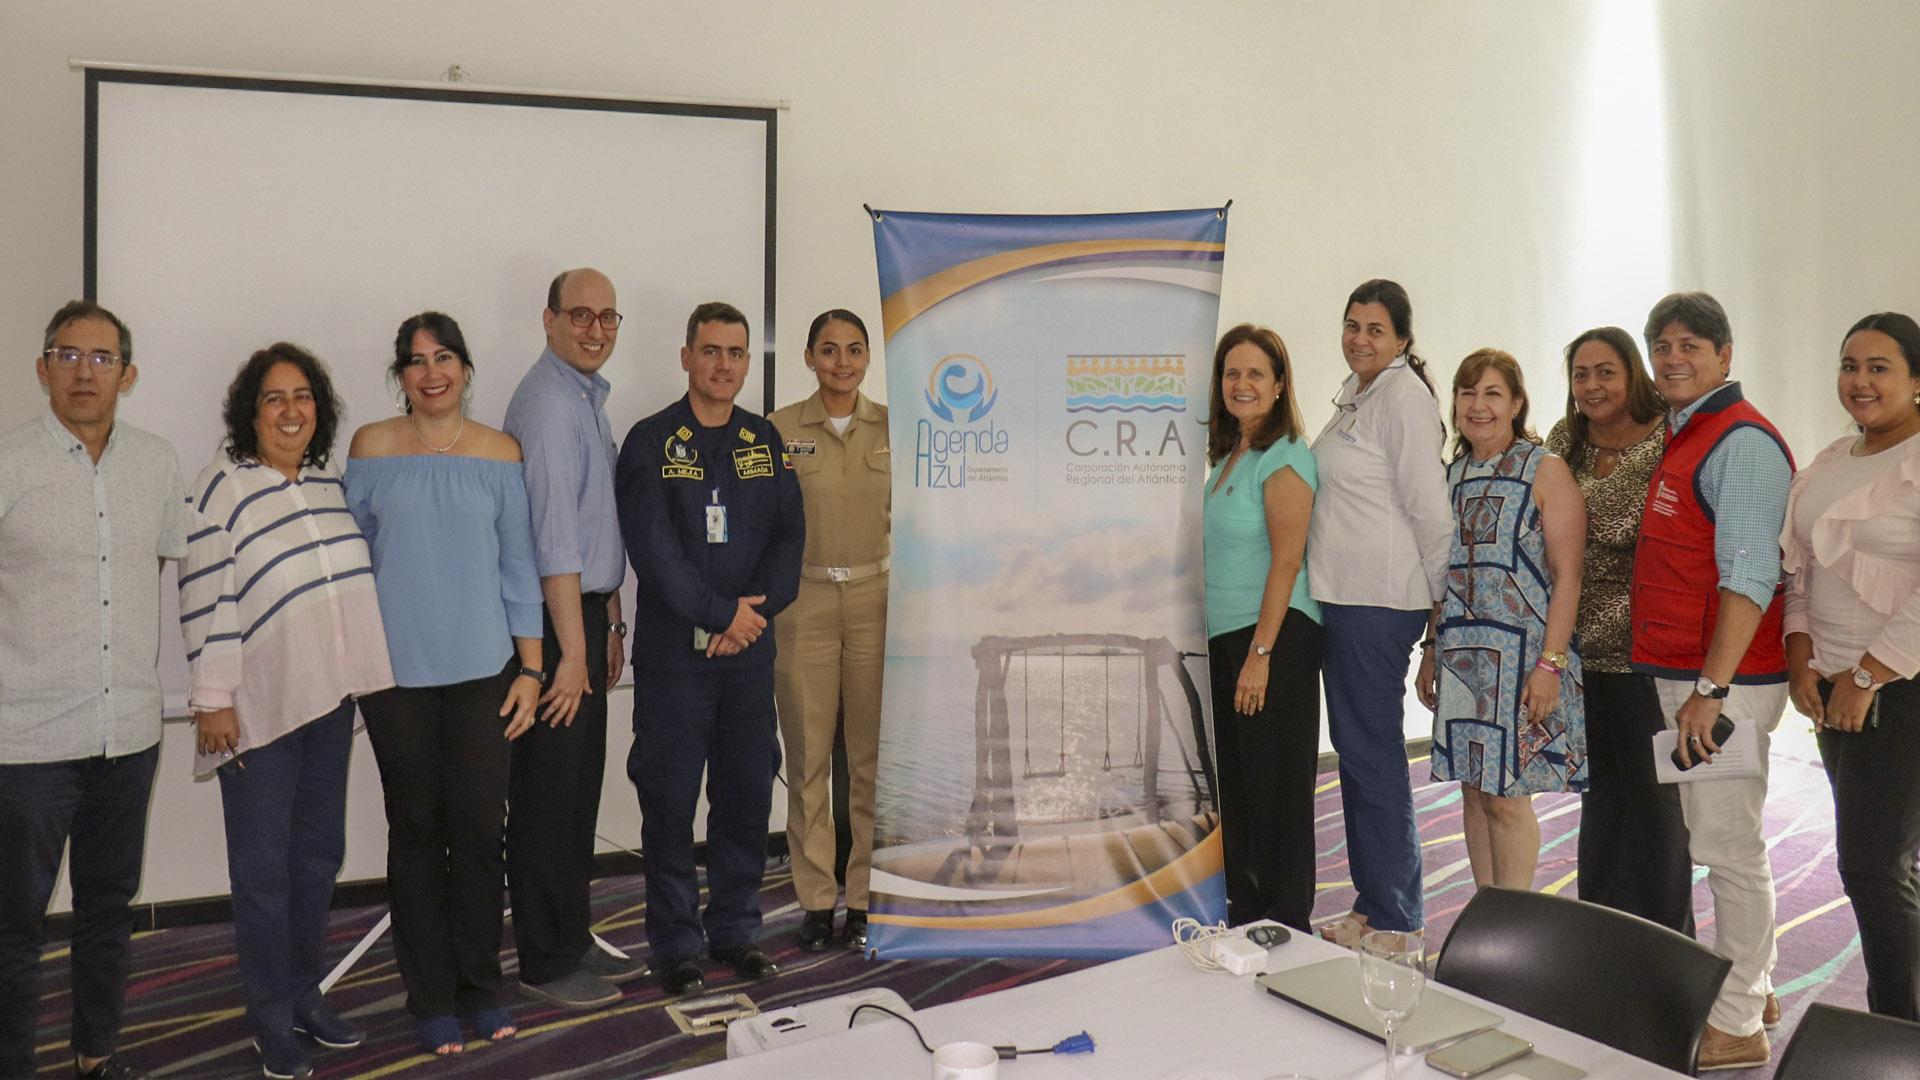 Comité Marítimo Fluvial (CoMAFlu) creado en el marco del proyecto Agenda Azul, coordinado por la CRA.